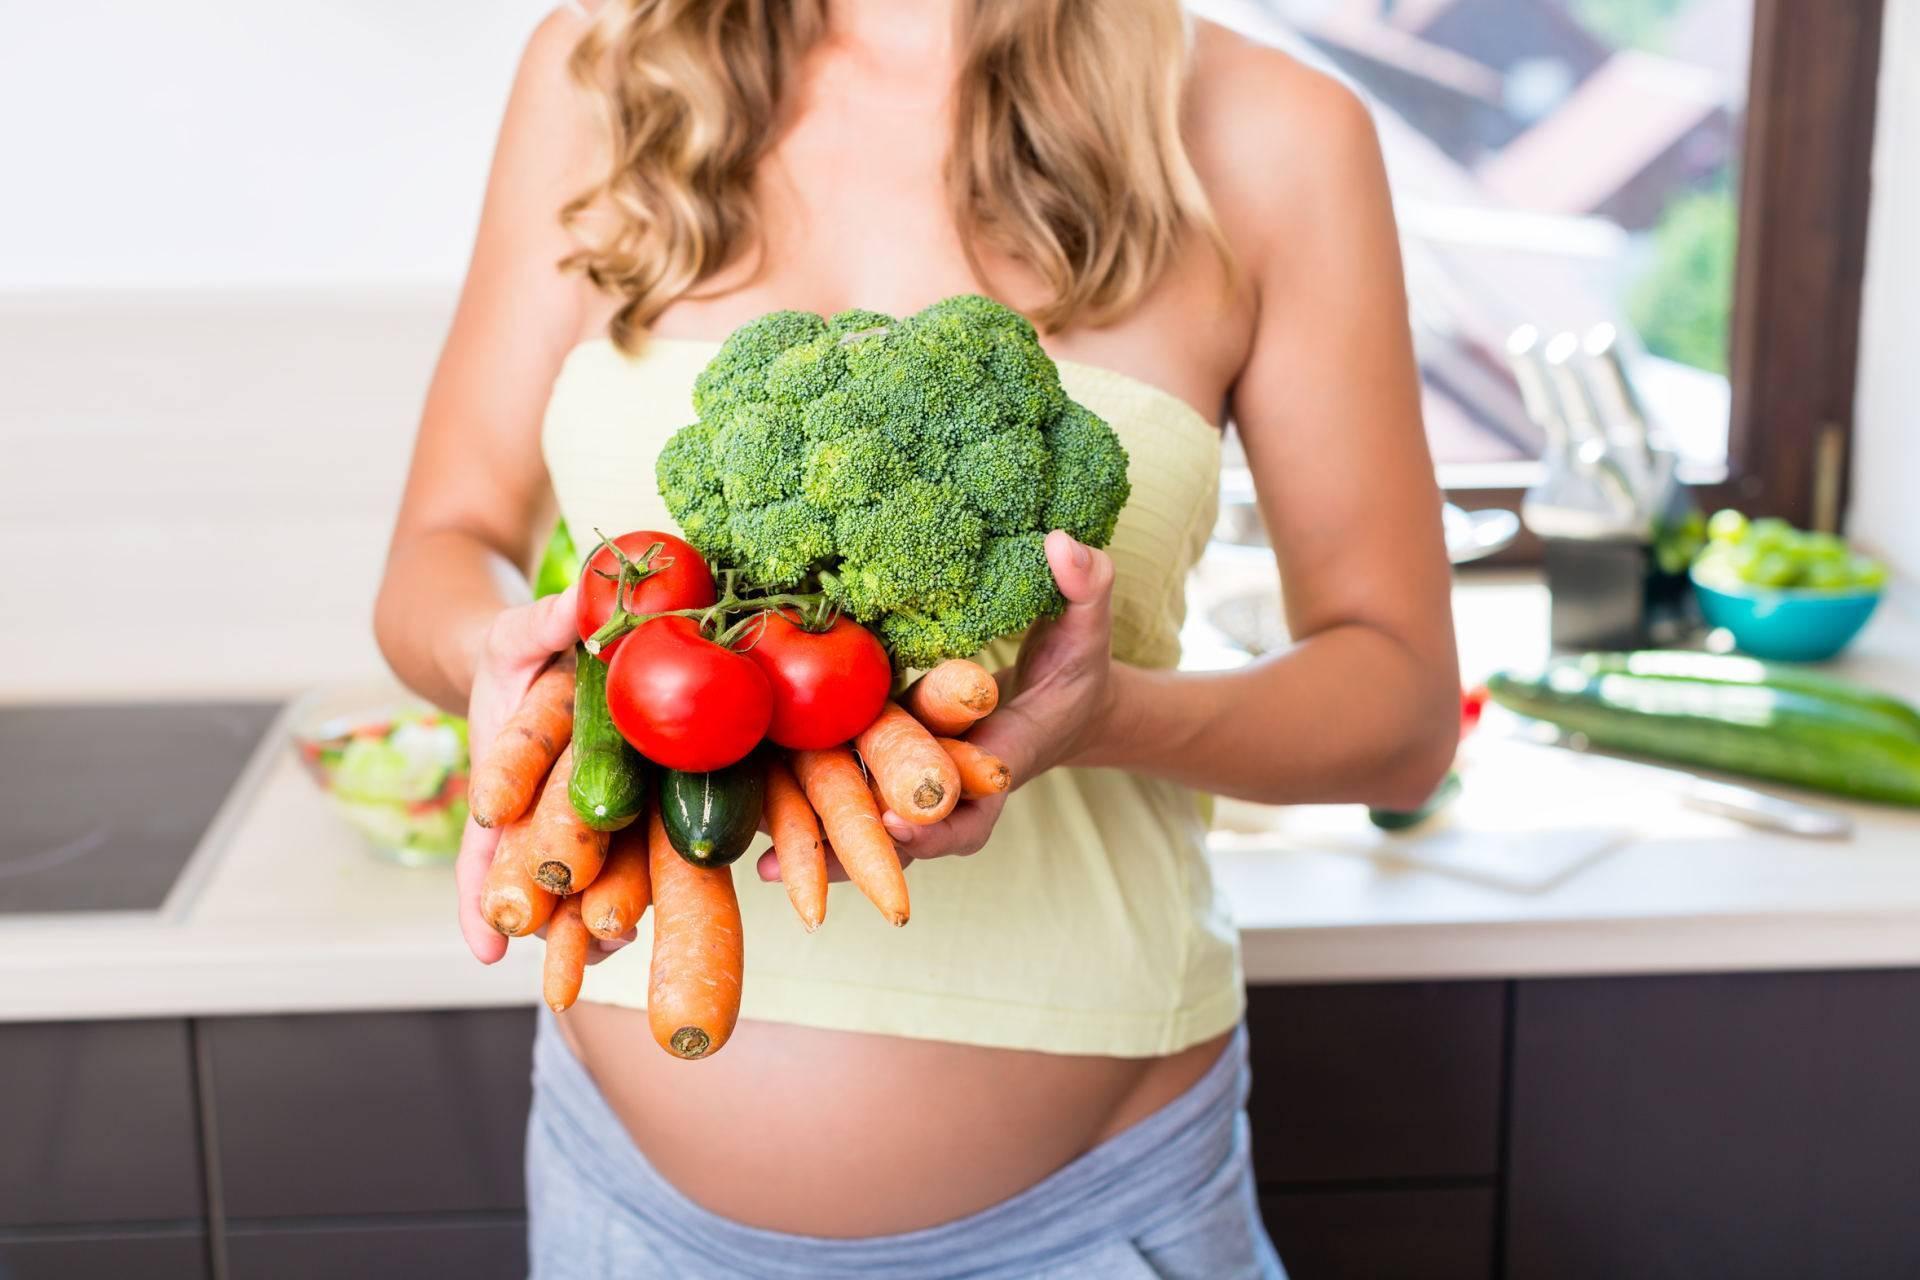 Вегетарианство при беременности: польза и вред. вегетарианство и беременность: мнение врачей